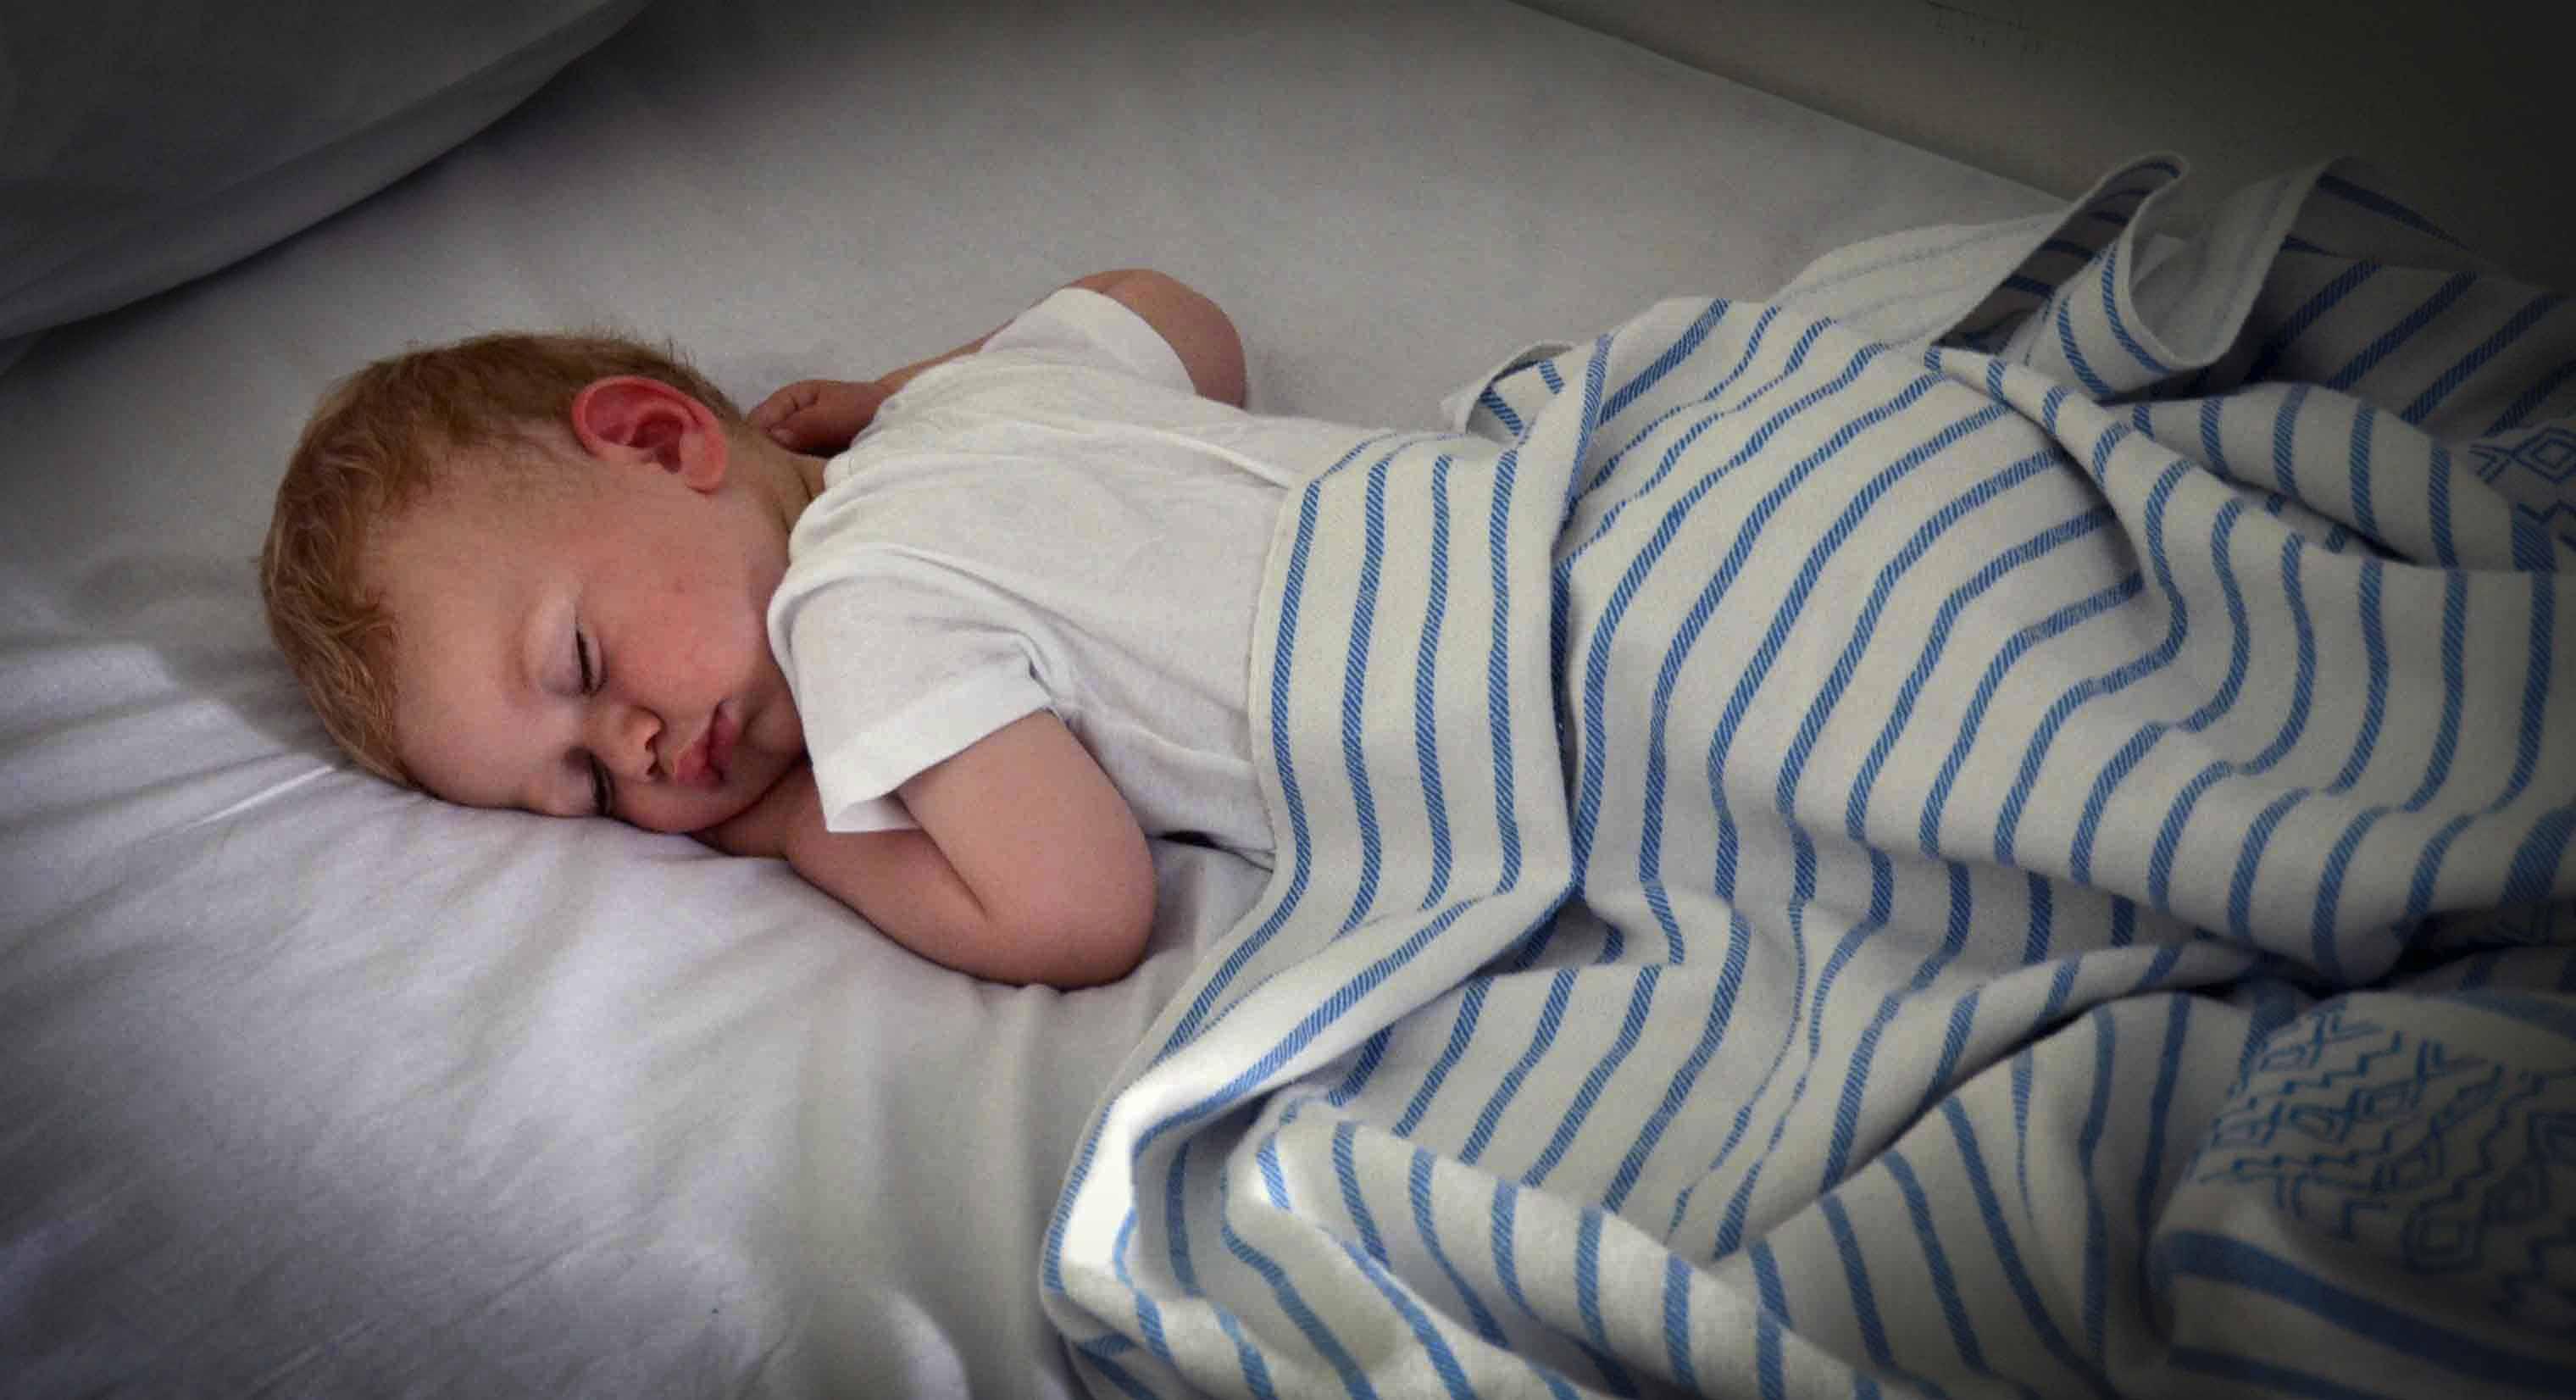 Le sommeil de bébé. Comment l'aider à faire ses nuits?